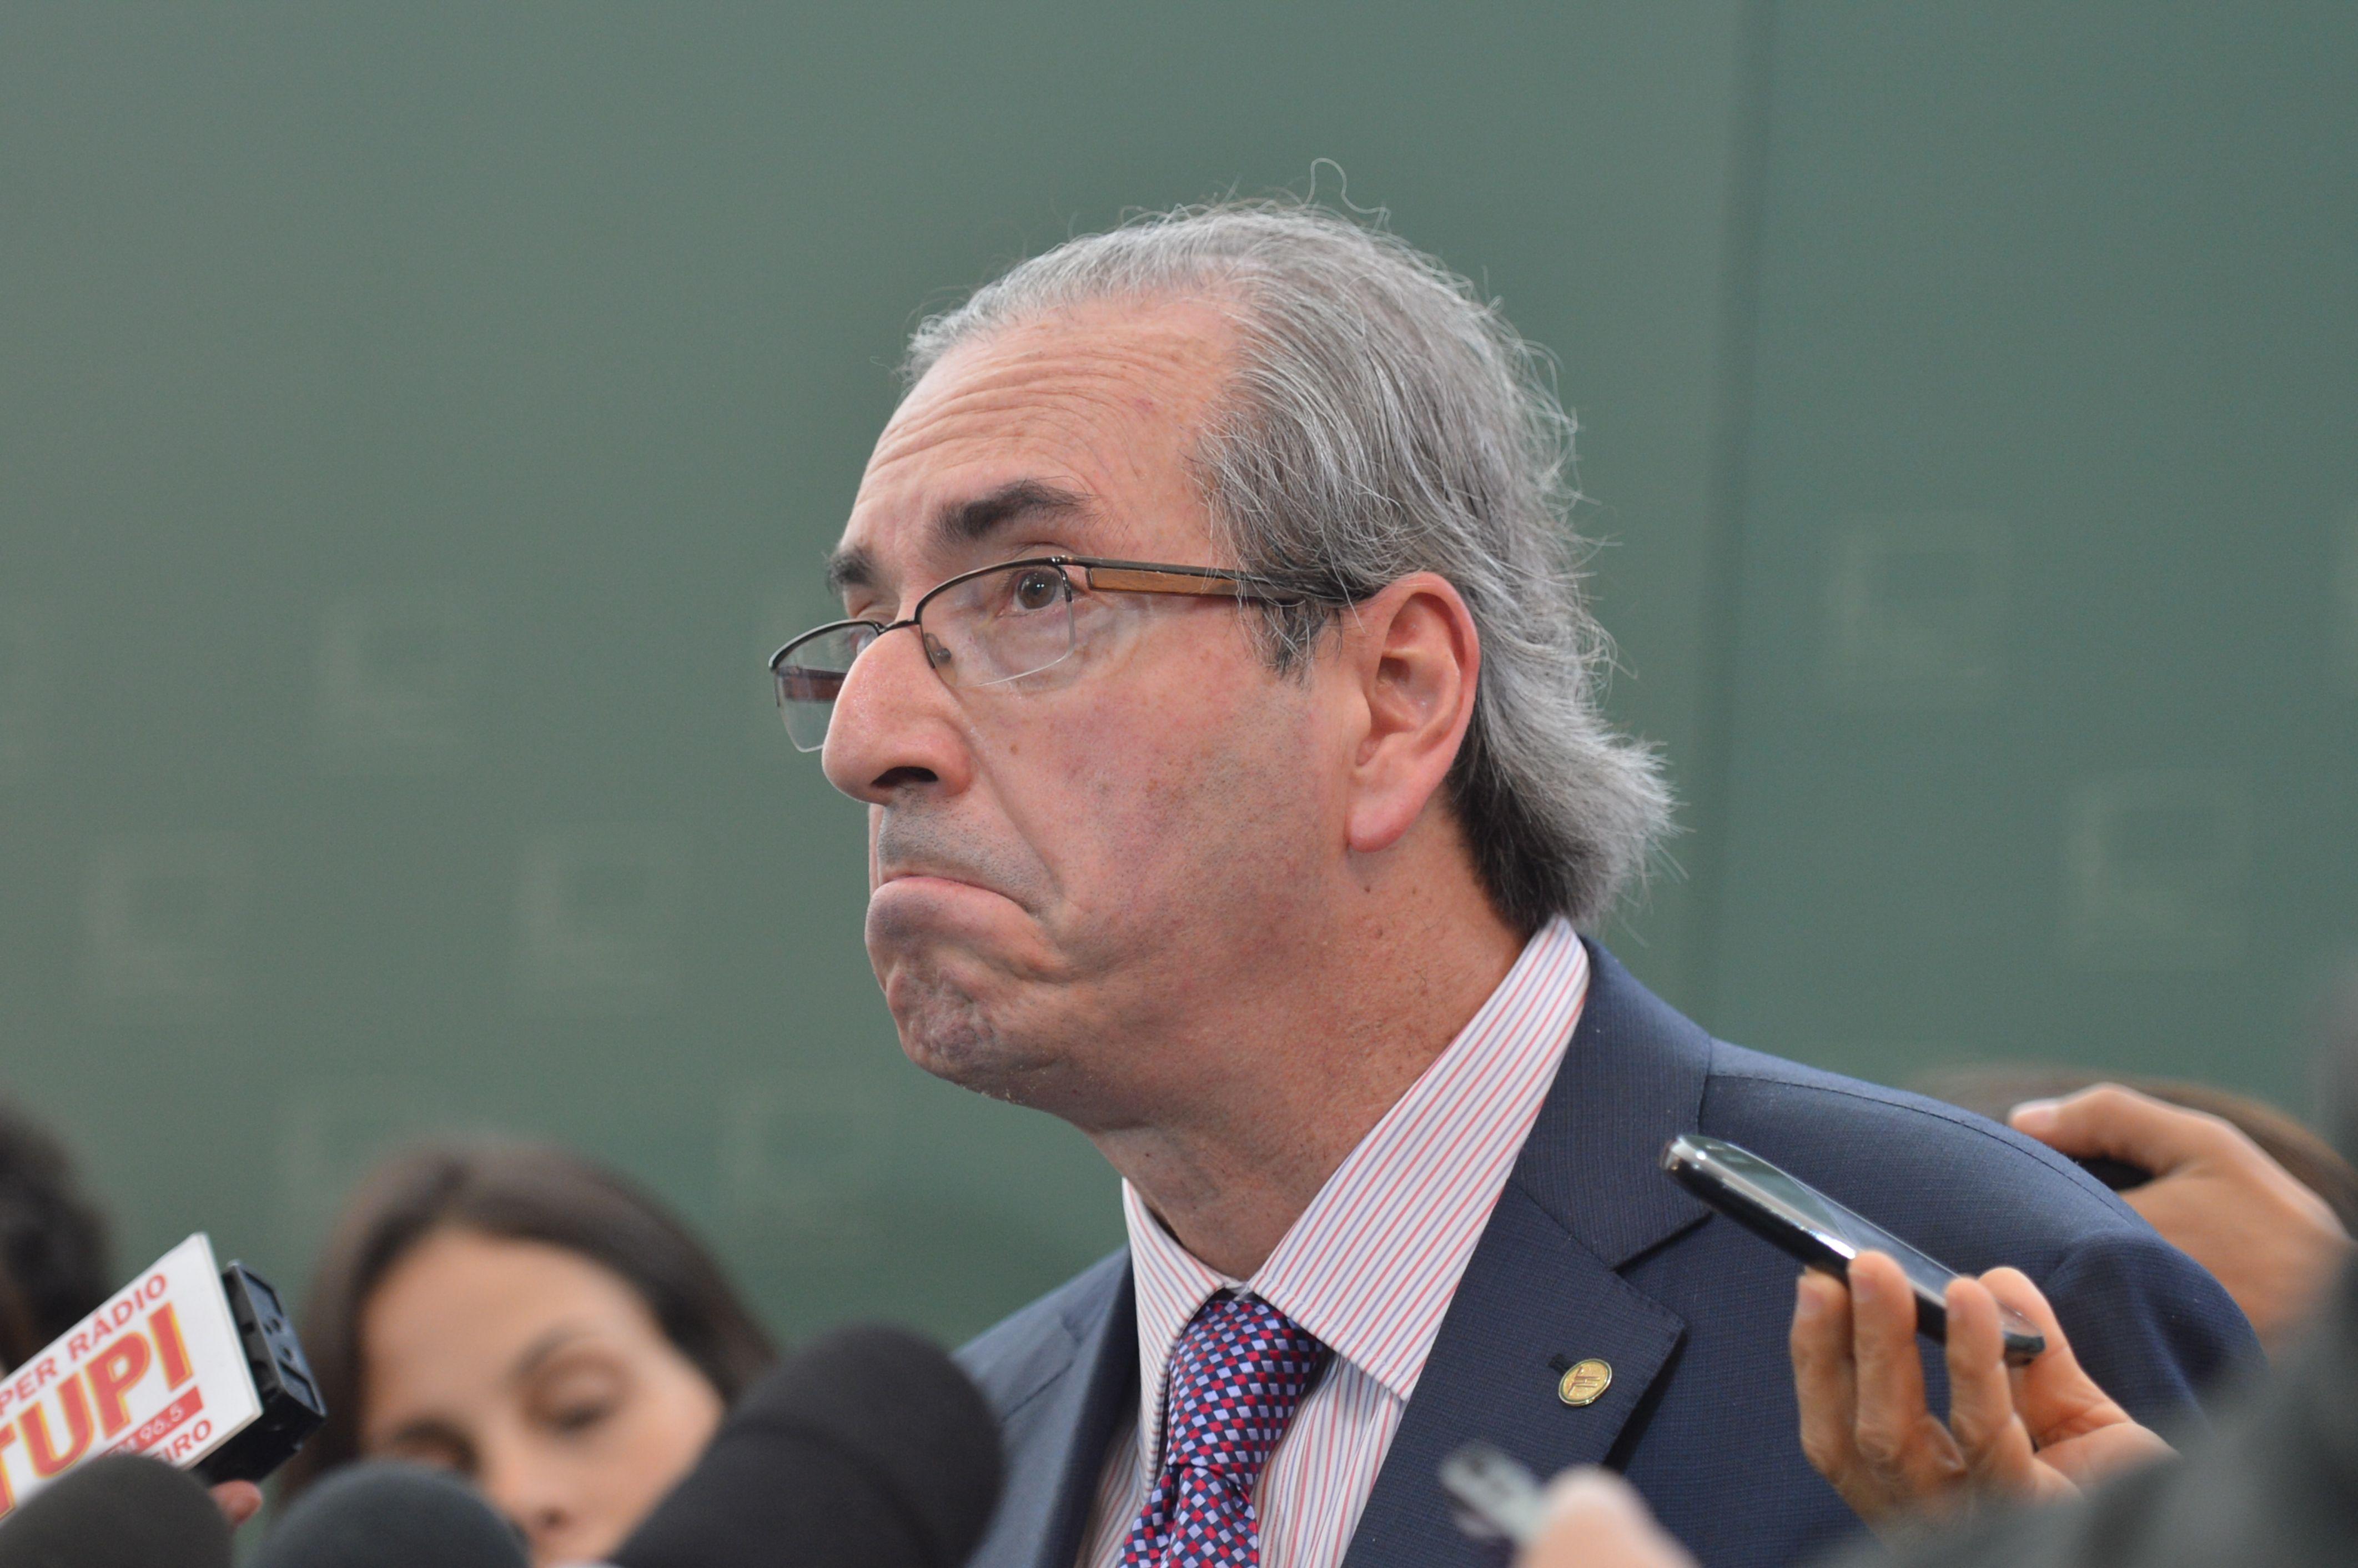 Situação de Eduardo Cunha (PMDB) se agrava com novas denúncias no STF